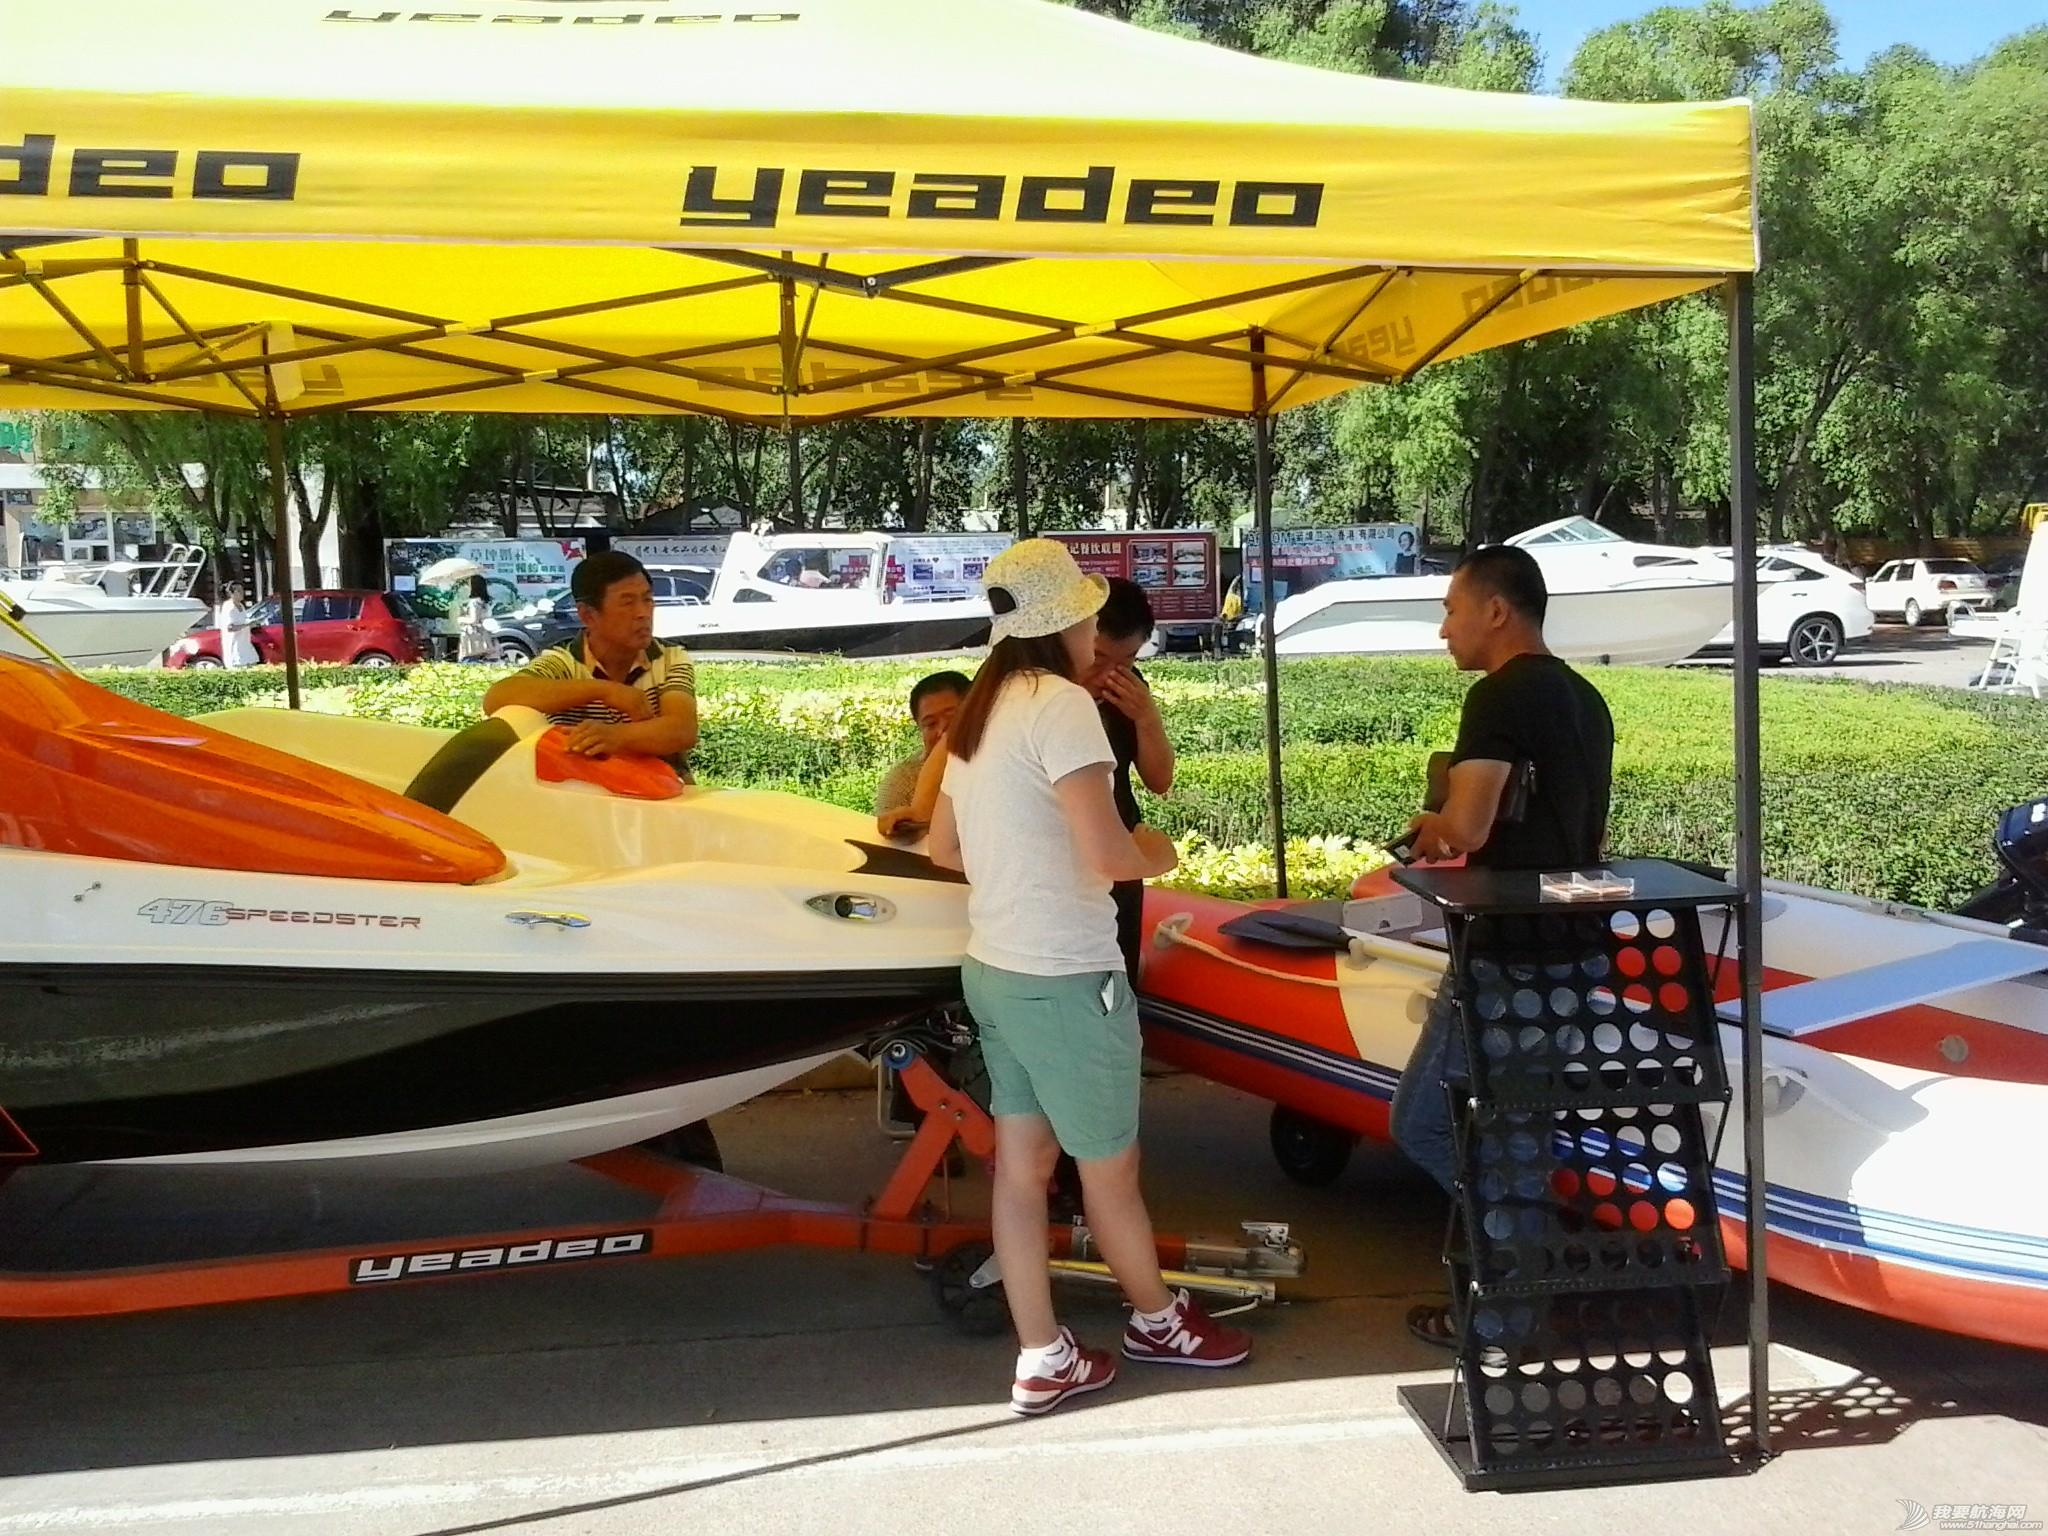 东北也有游艇展了 还是对便宜的充气船感兴趣的多啊